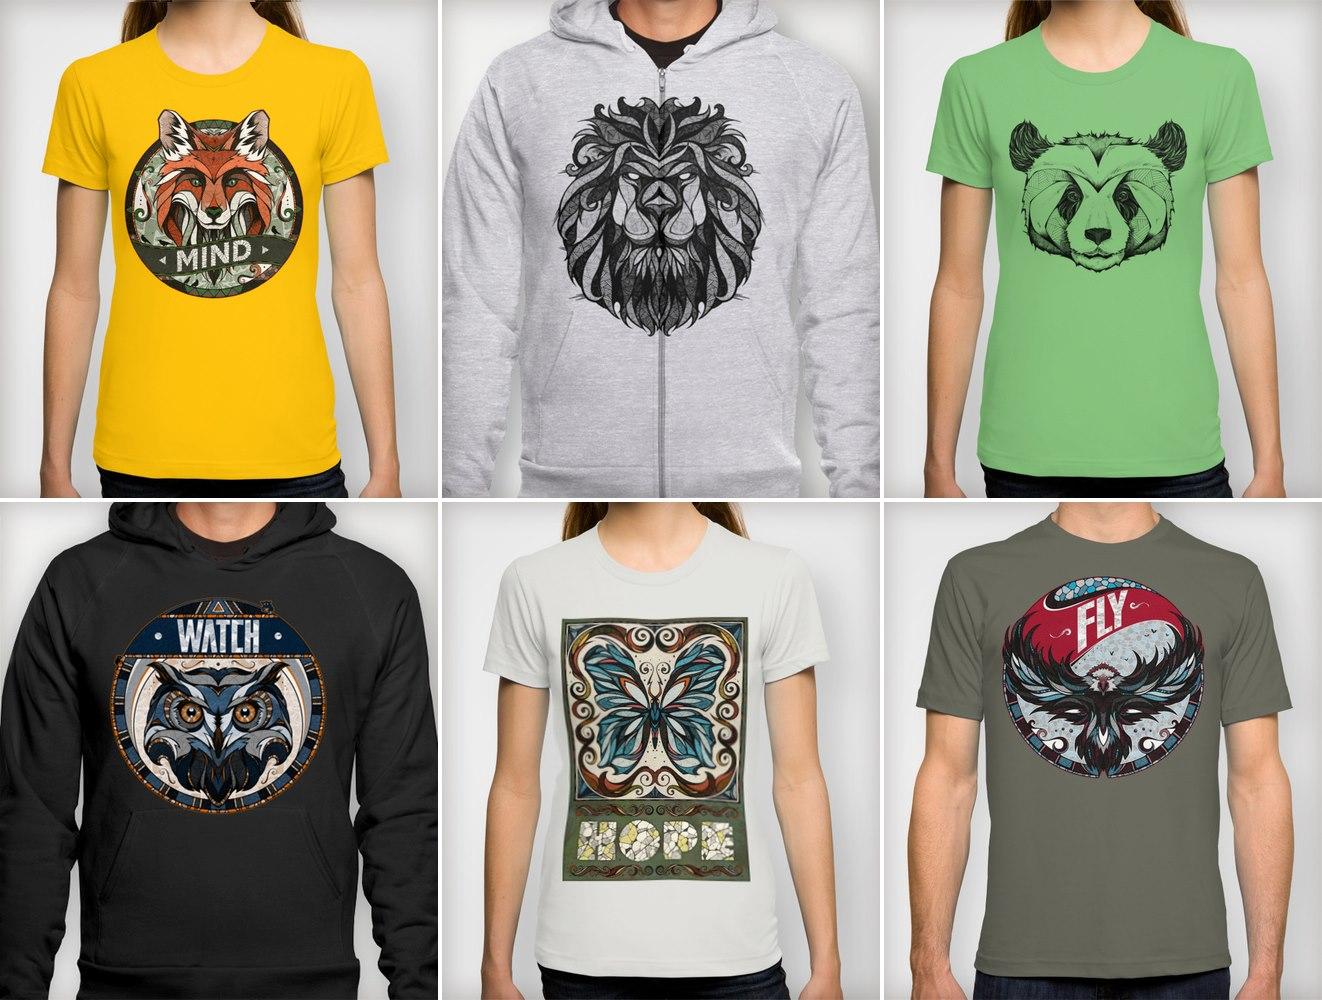 Aplastar hablar Impuestos  t-shirt-design-andreas-preis | SOLETOPIA